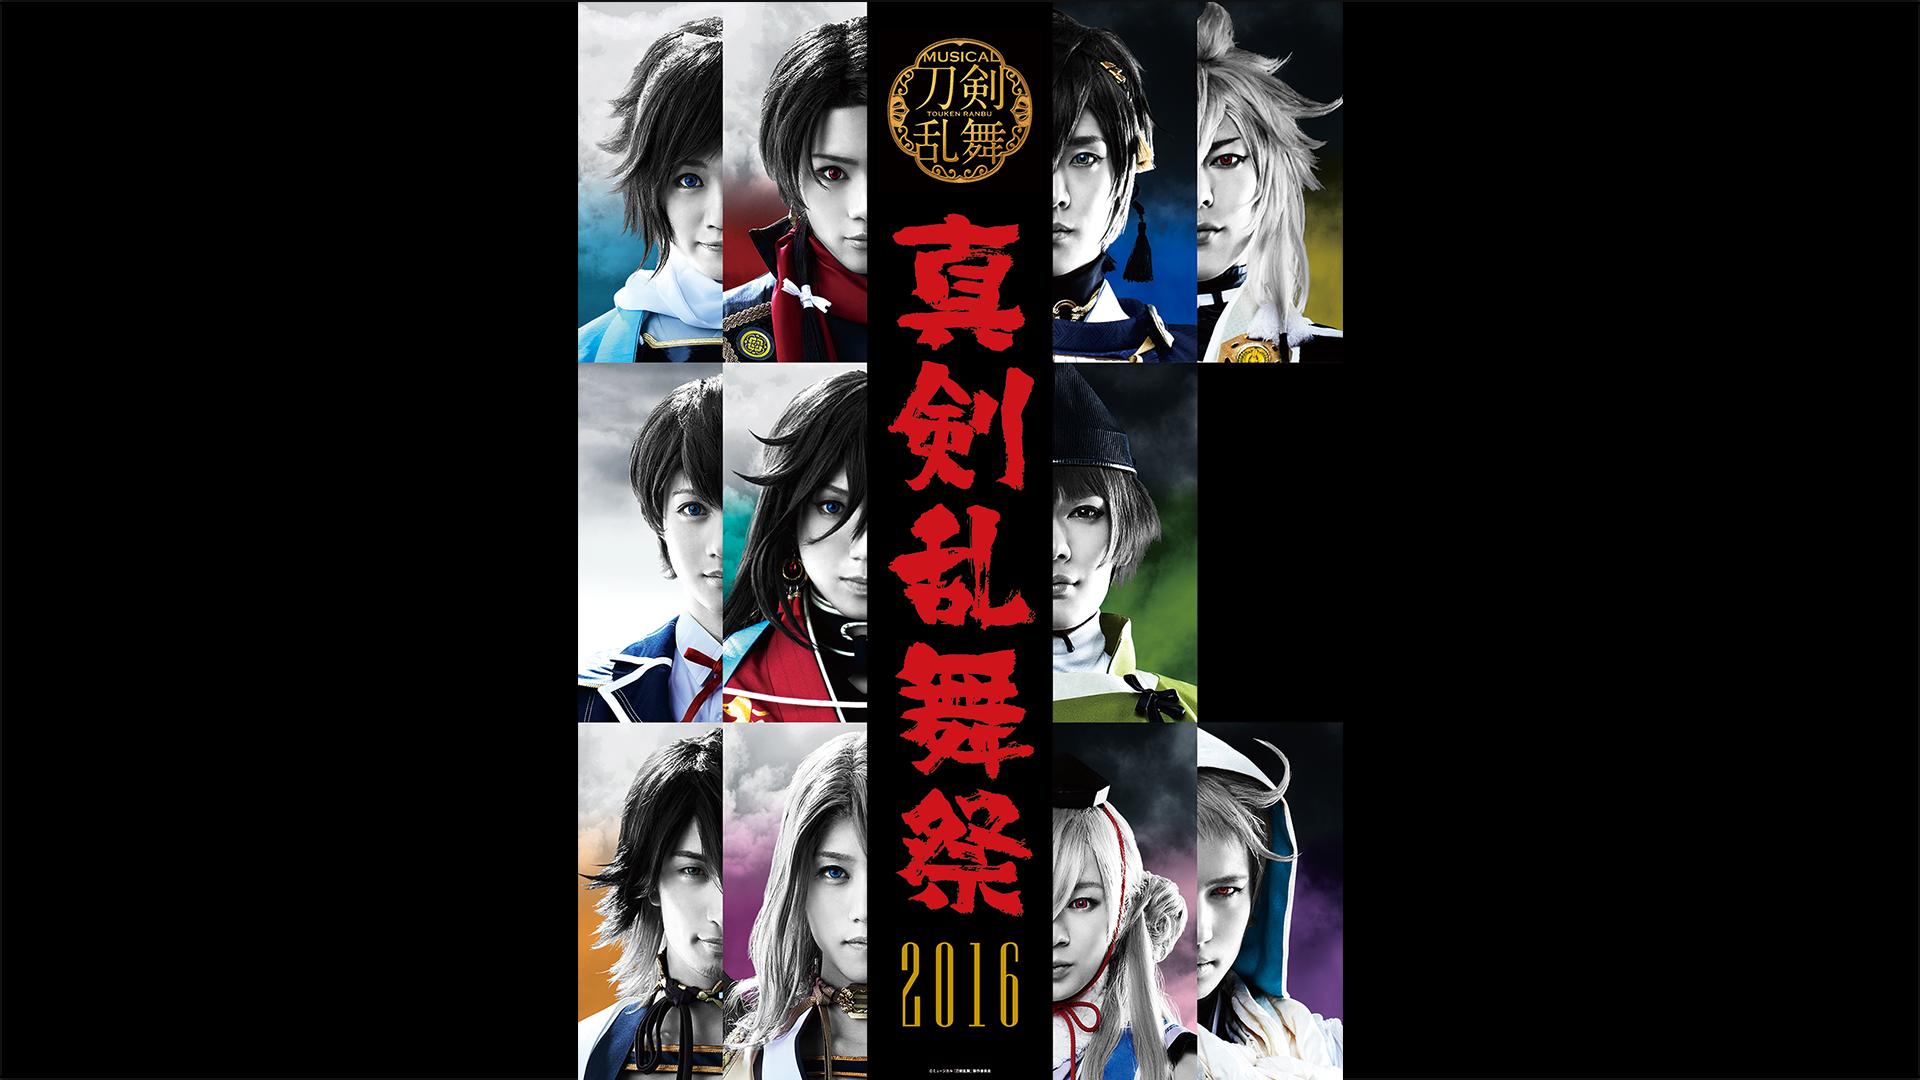 ミュージカル『刀剣乱舞』 ~真剣乱舞祭 2016~(dアニメストア)